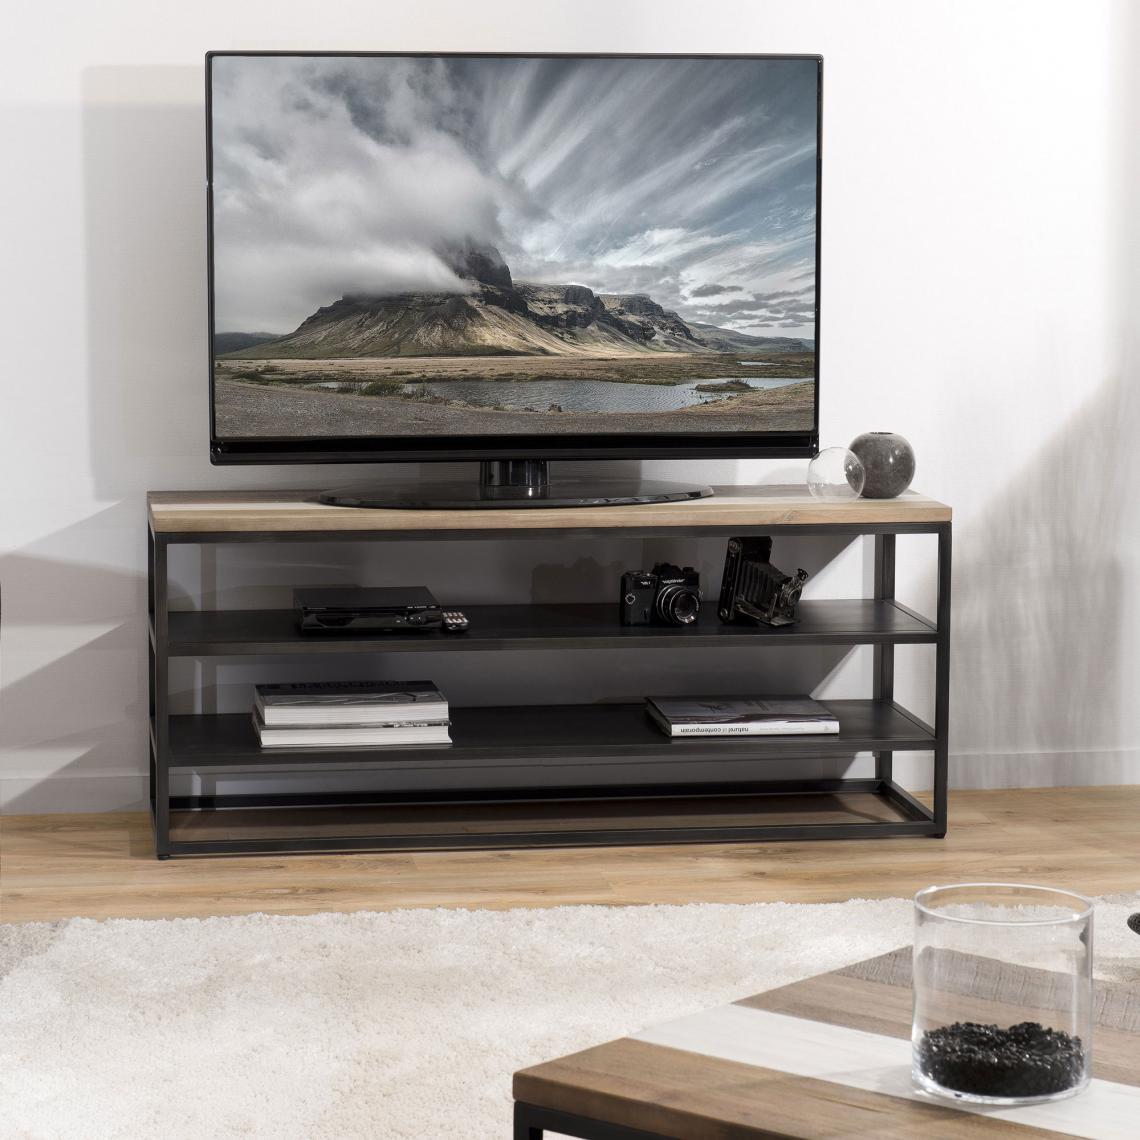 meuble tv avec 2 etageres style industriel multicouleurs vieillies